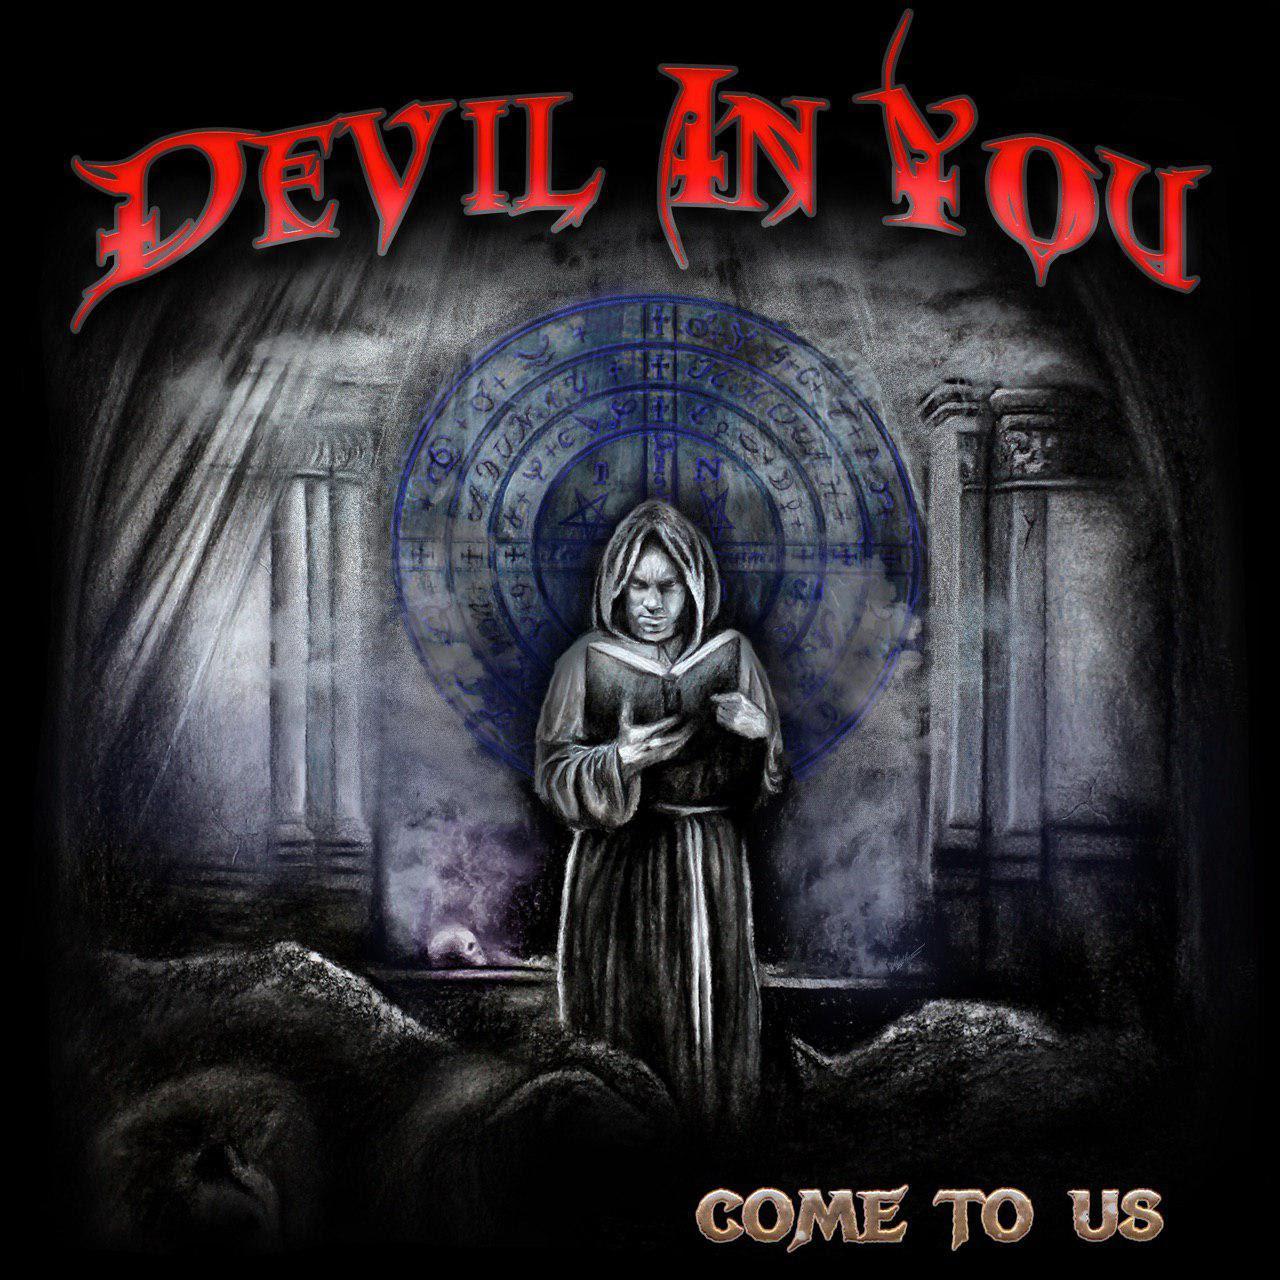 DEVIL IN YOU presentan la portada de su nuevo disco